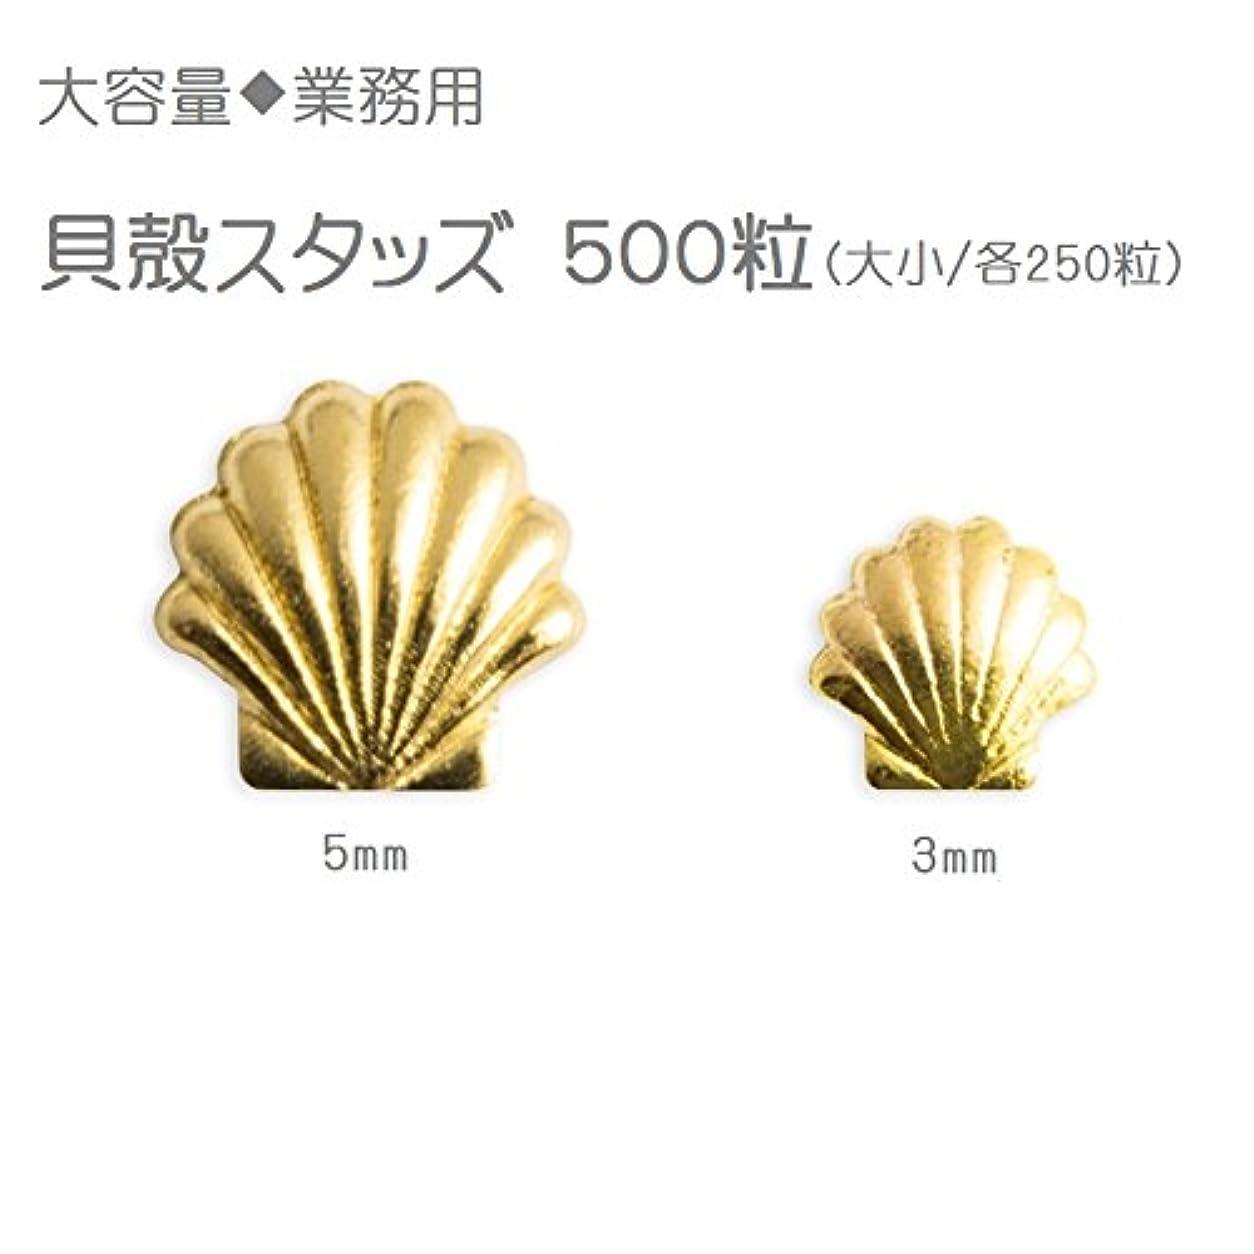 不格好アリーナ感情大容量◆貝殻スタッズ?ゴールド500粒(大.小/各250粒)